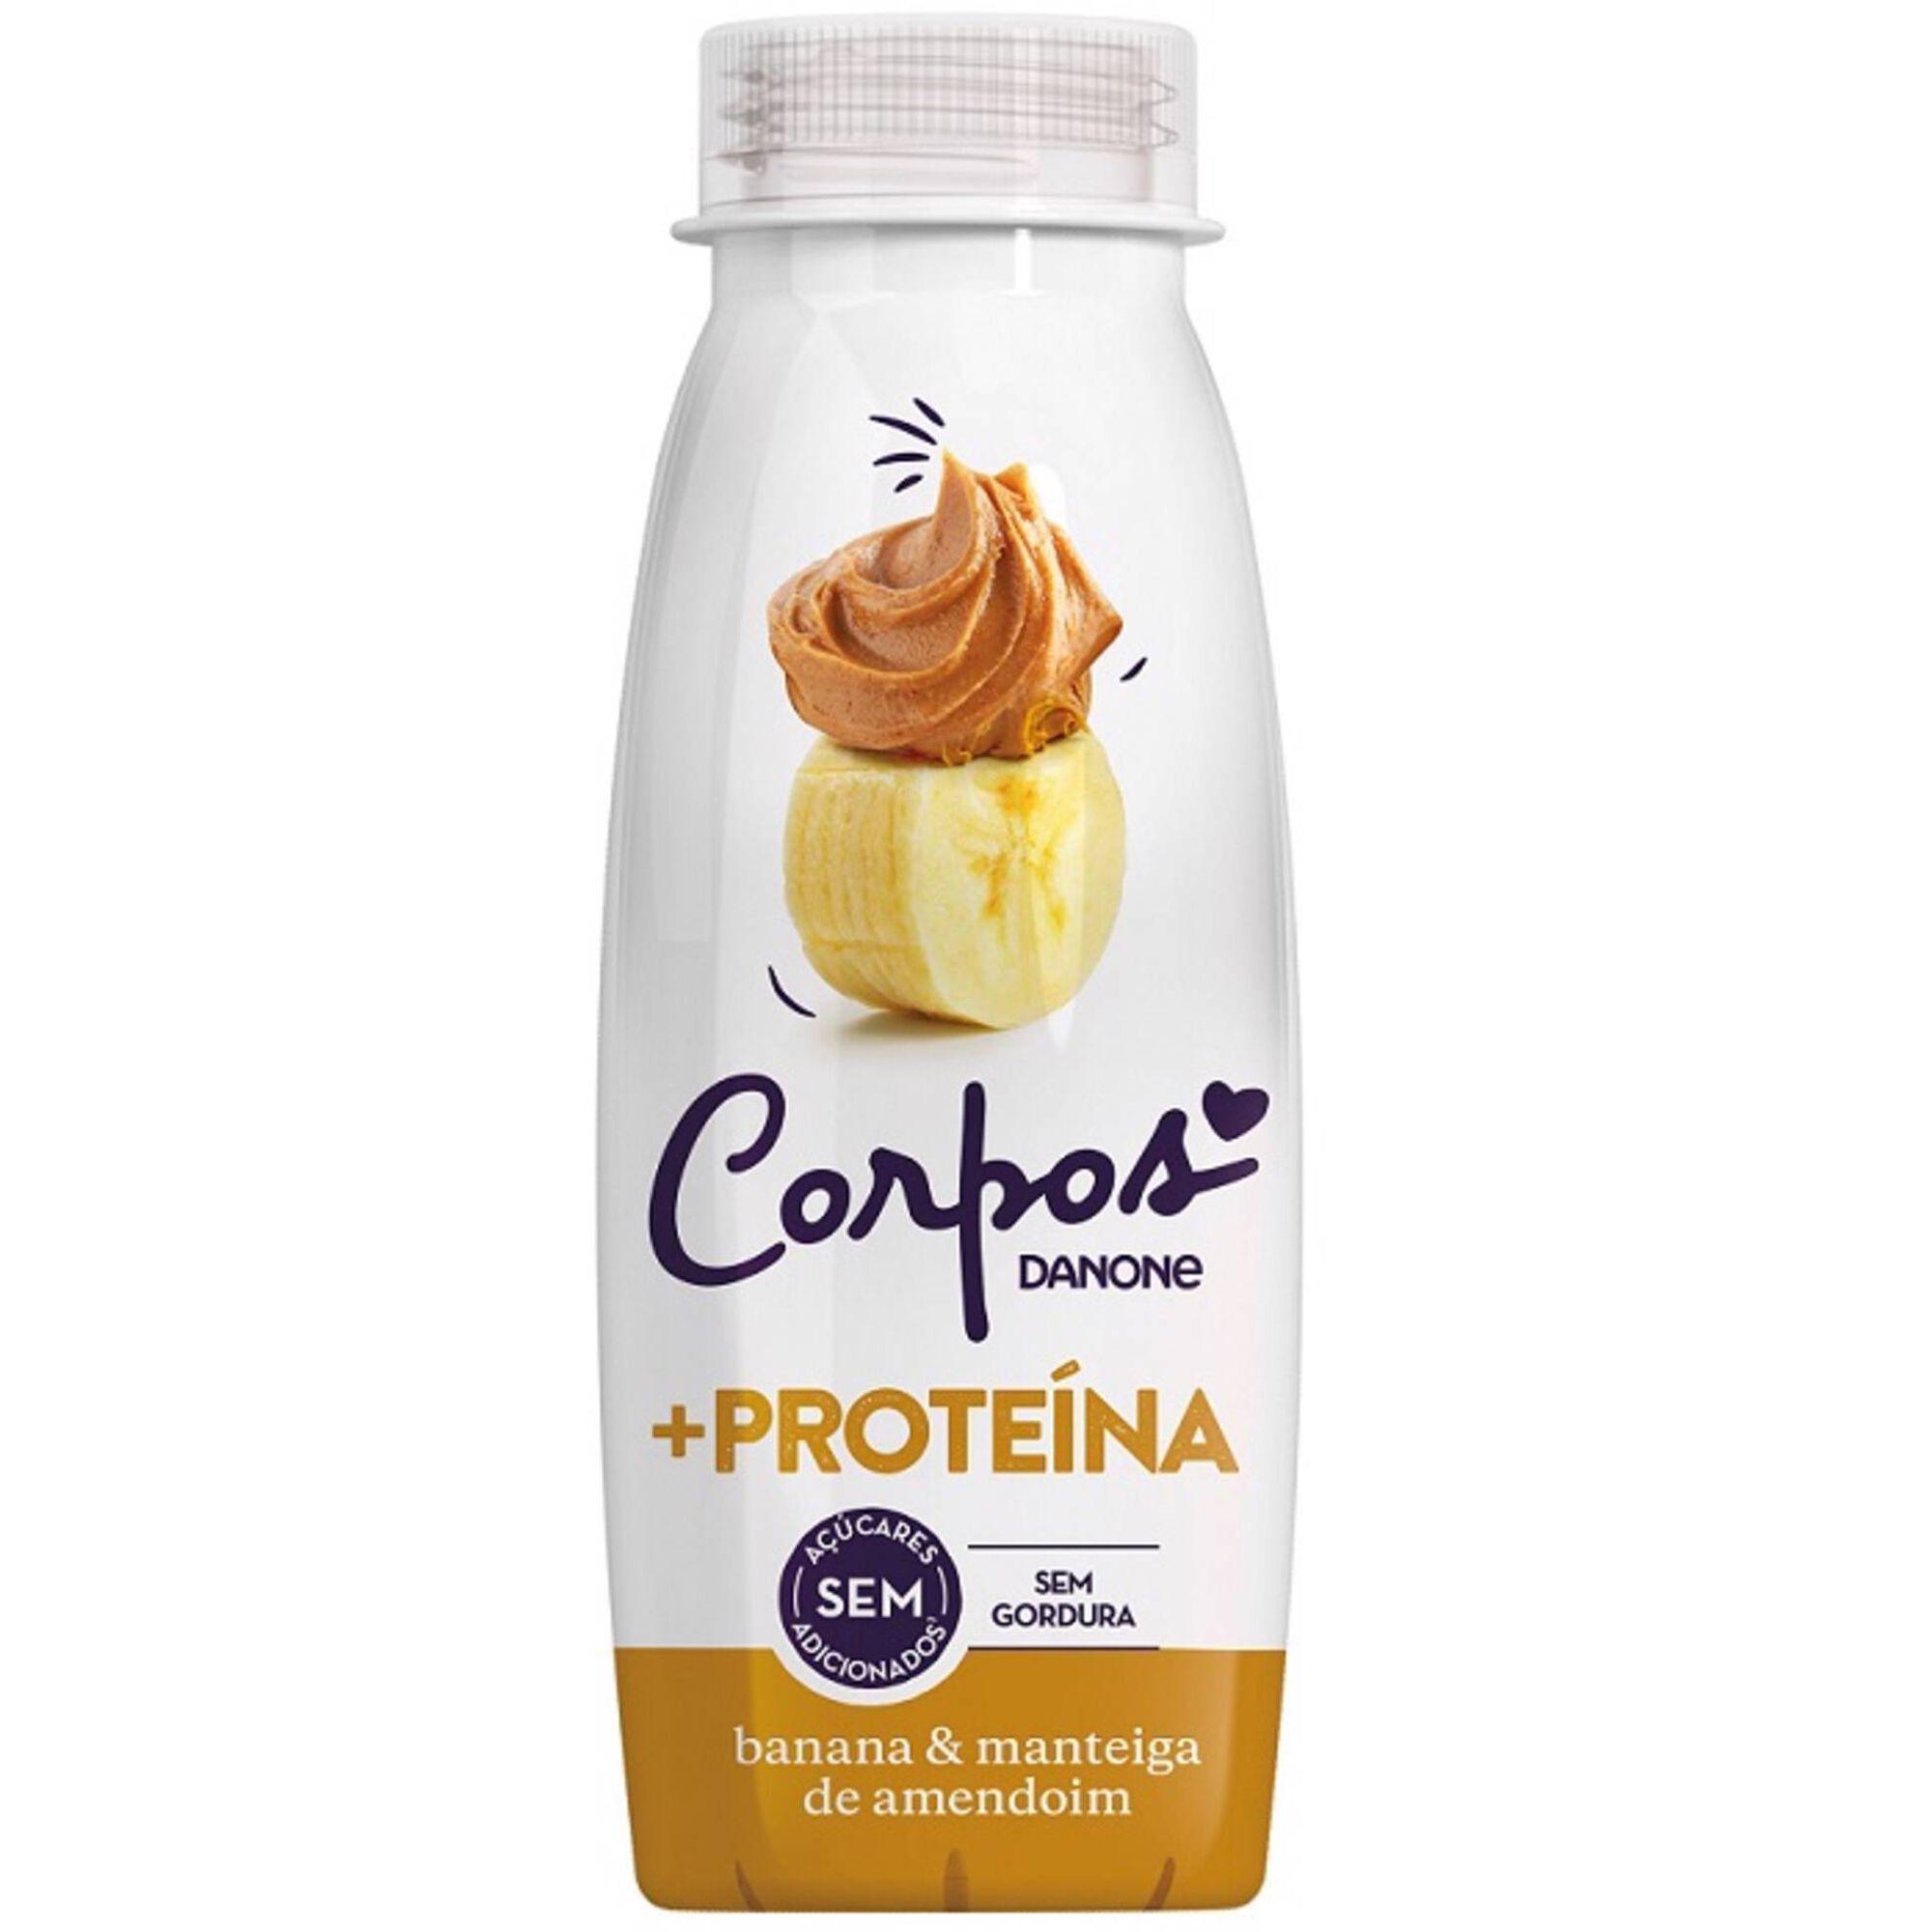 Iogurte Líquido +Proteína Banana e Manteiga de Amendoim Corpos Danone